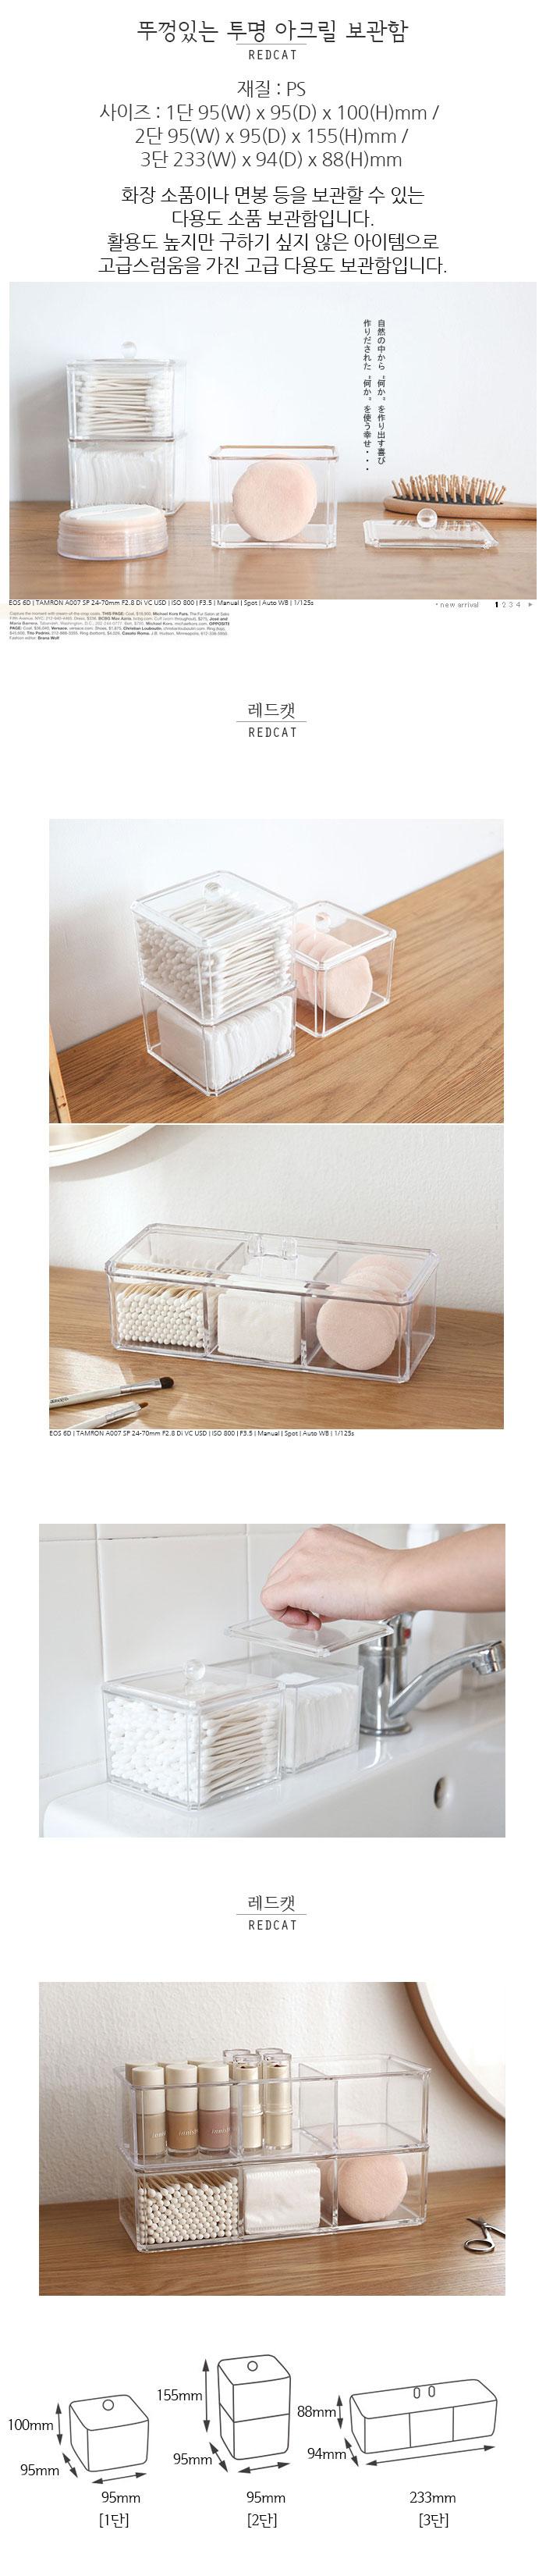 뚜껑있는 투명 아크릴 보관함 - 네코리빙, 4,640원, 정리/리빙박스, 플라스틱 리빙박스